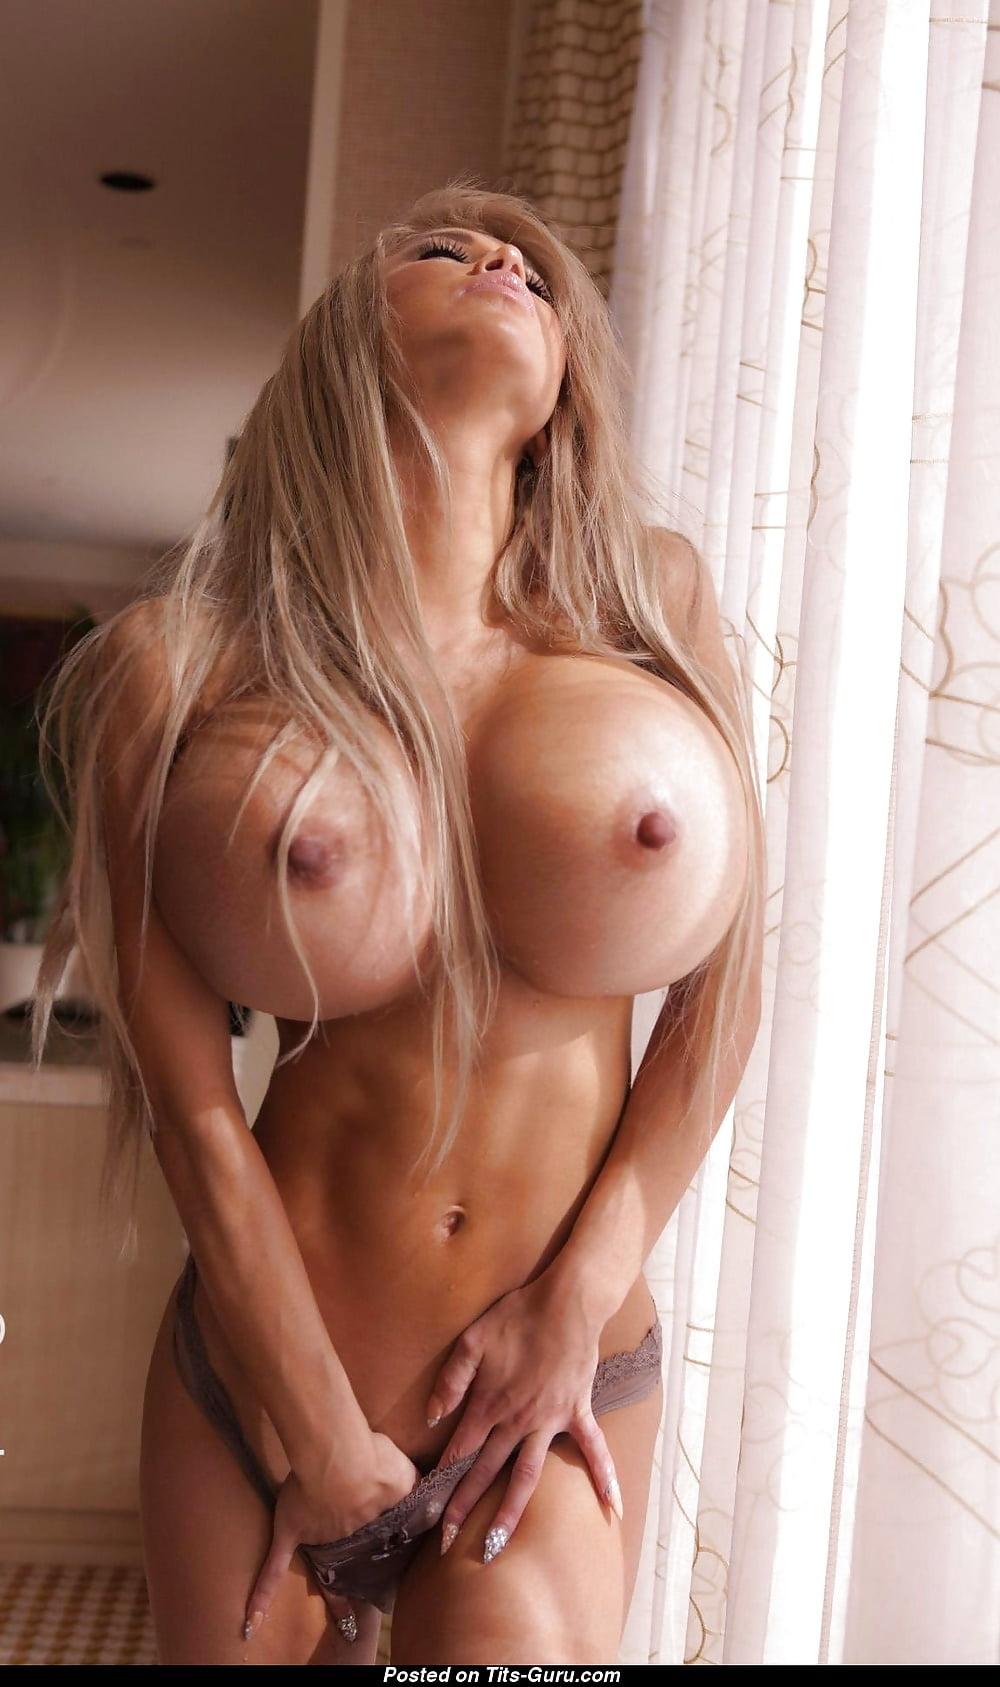 картинка милая блондинка с силиконовыми сиськами - 14